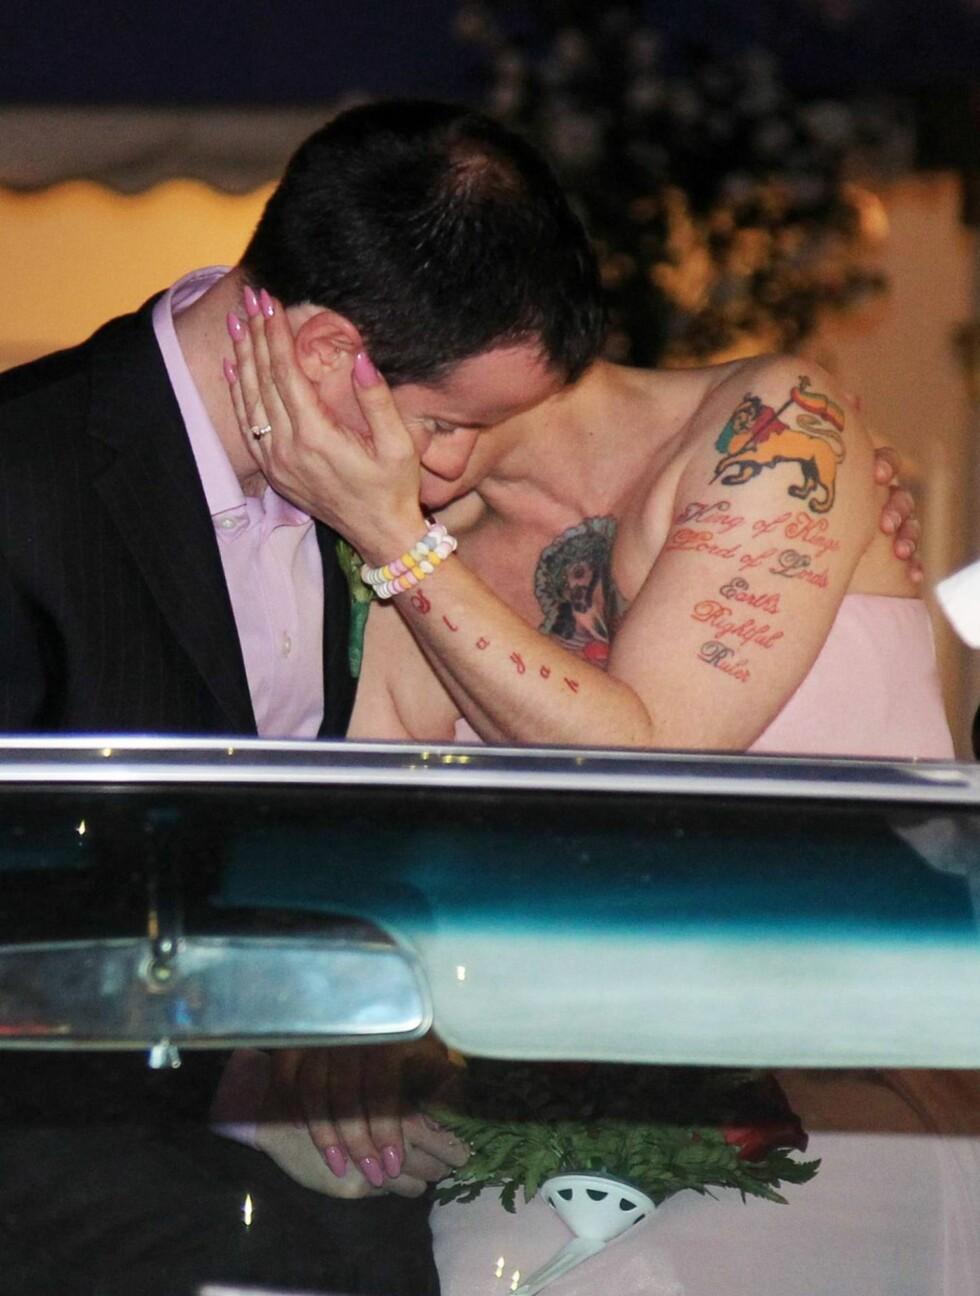 SE, SÅ FORELSKET: Det nygifte ekteparet strålte om kapp foran de tårevåte bryllupsgjestene. Foto: All Over Press